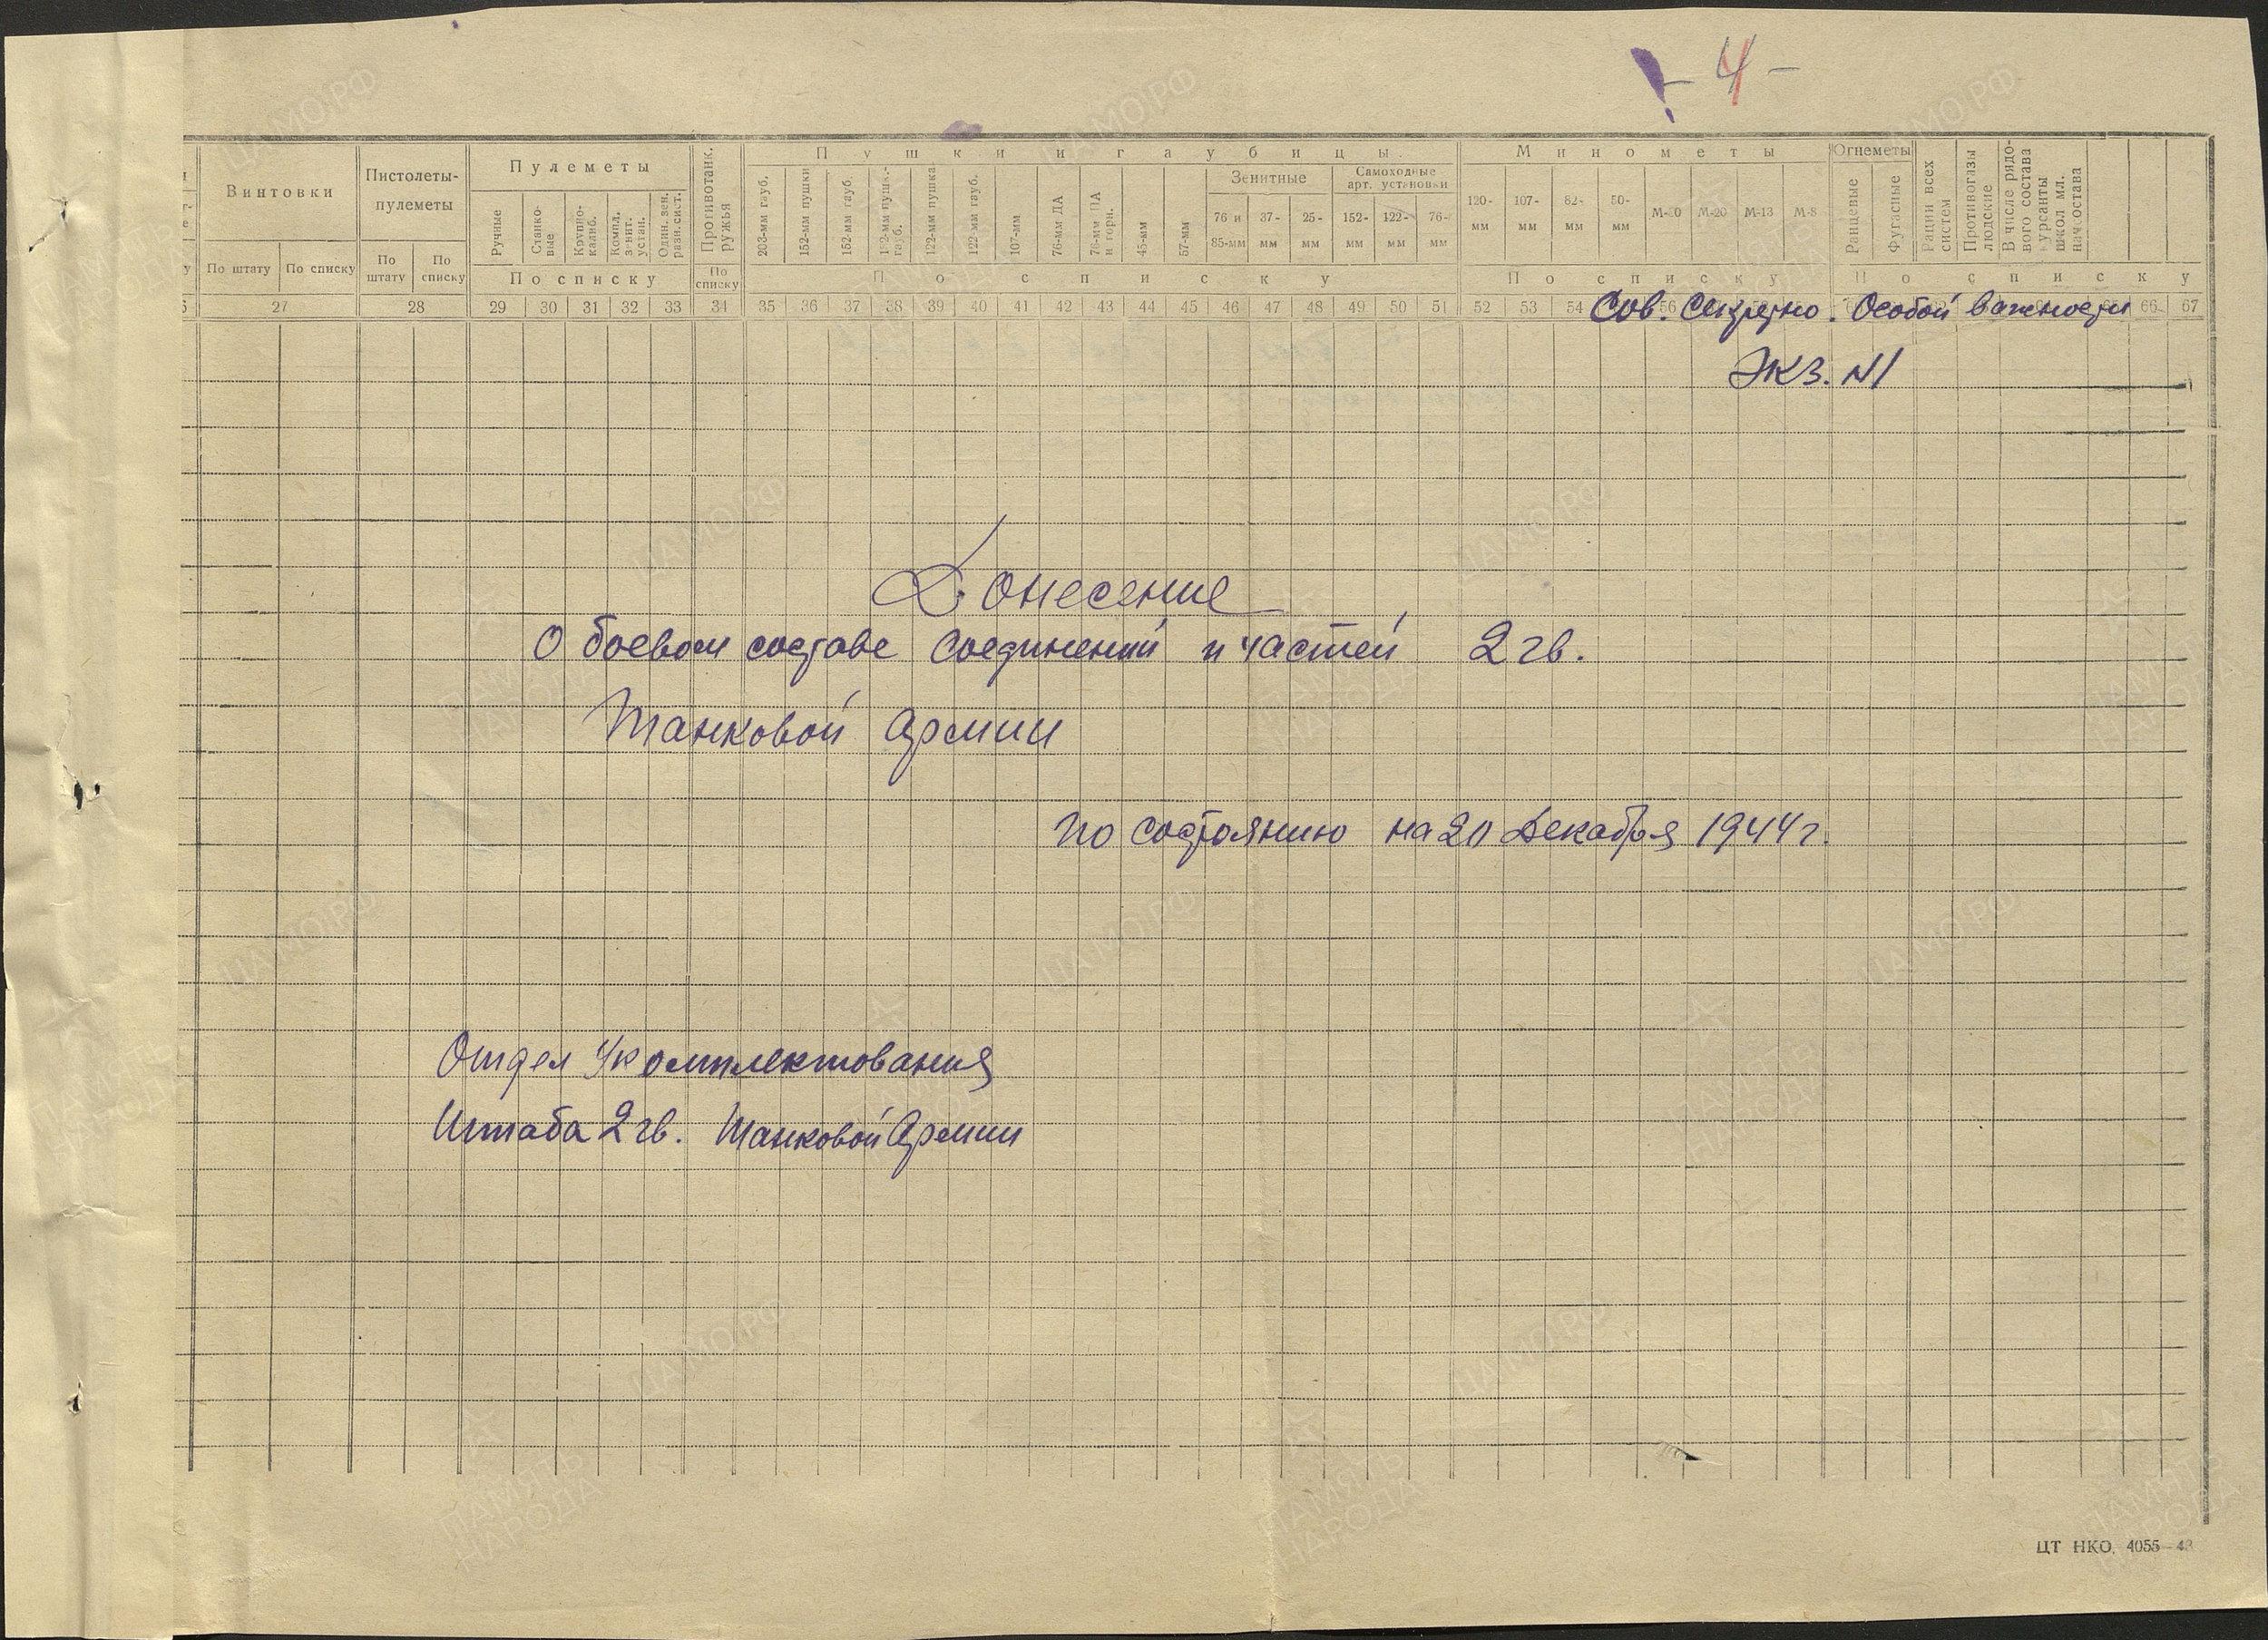 ЦАМО  Фонд: 307, Опись: 4148, Дело: 306, Лист начала документа в деле: 4